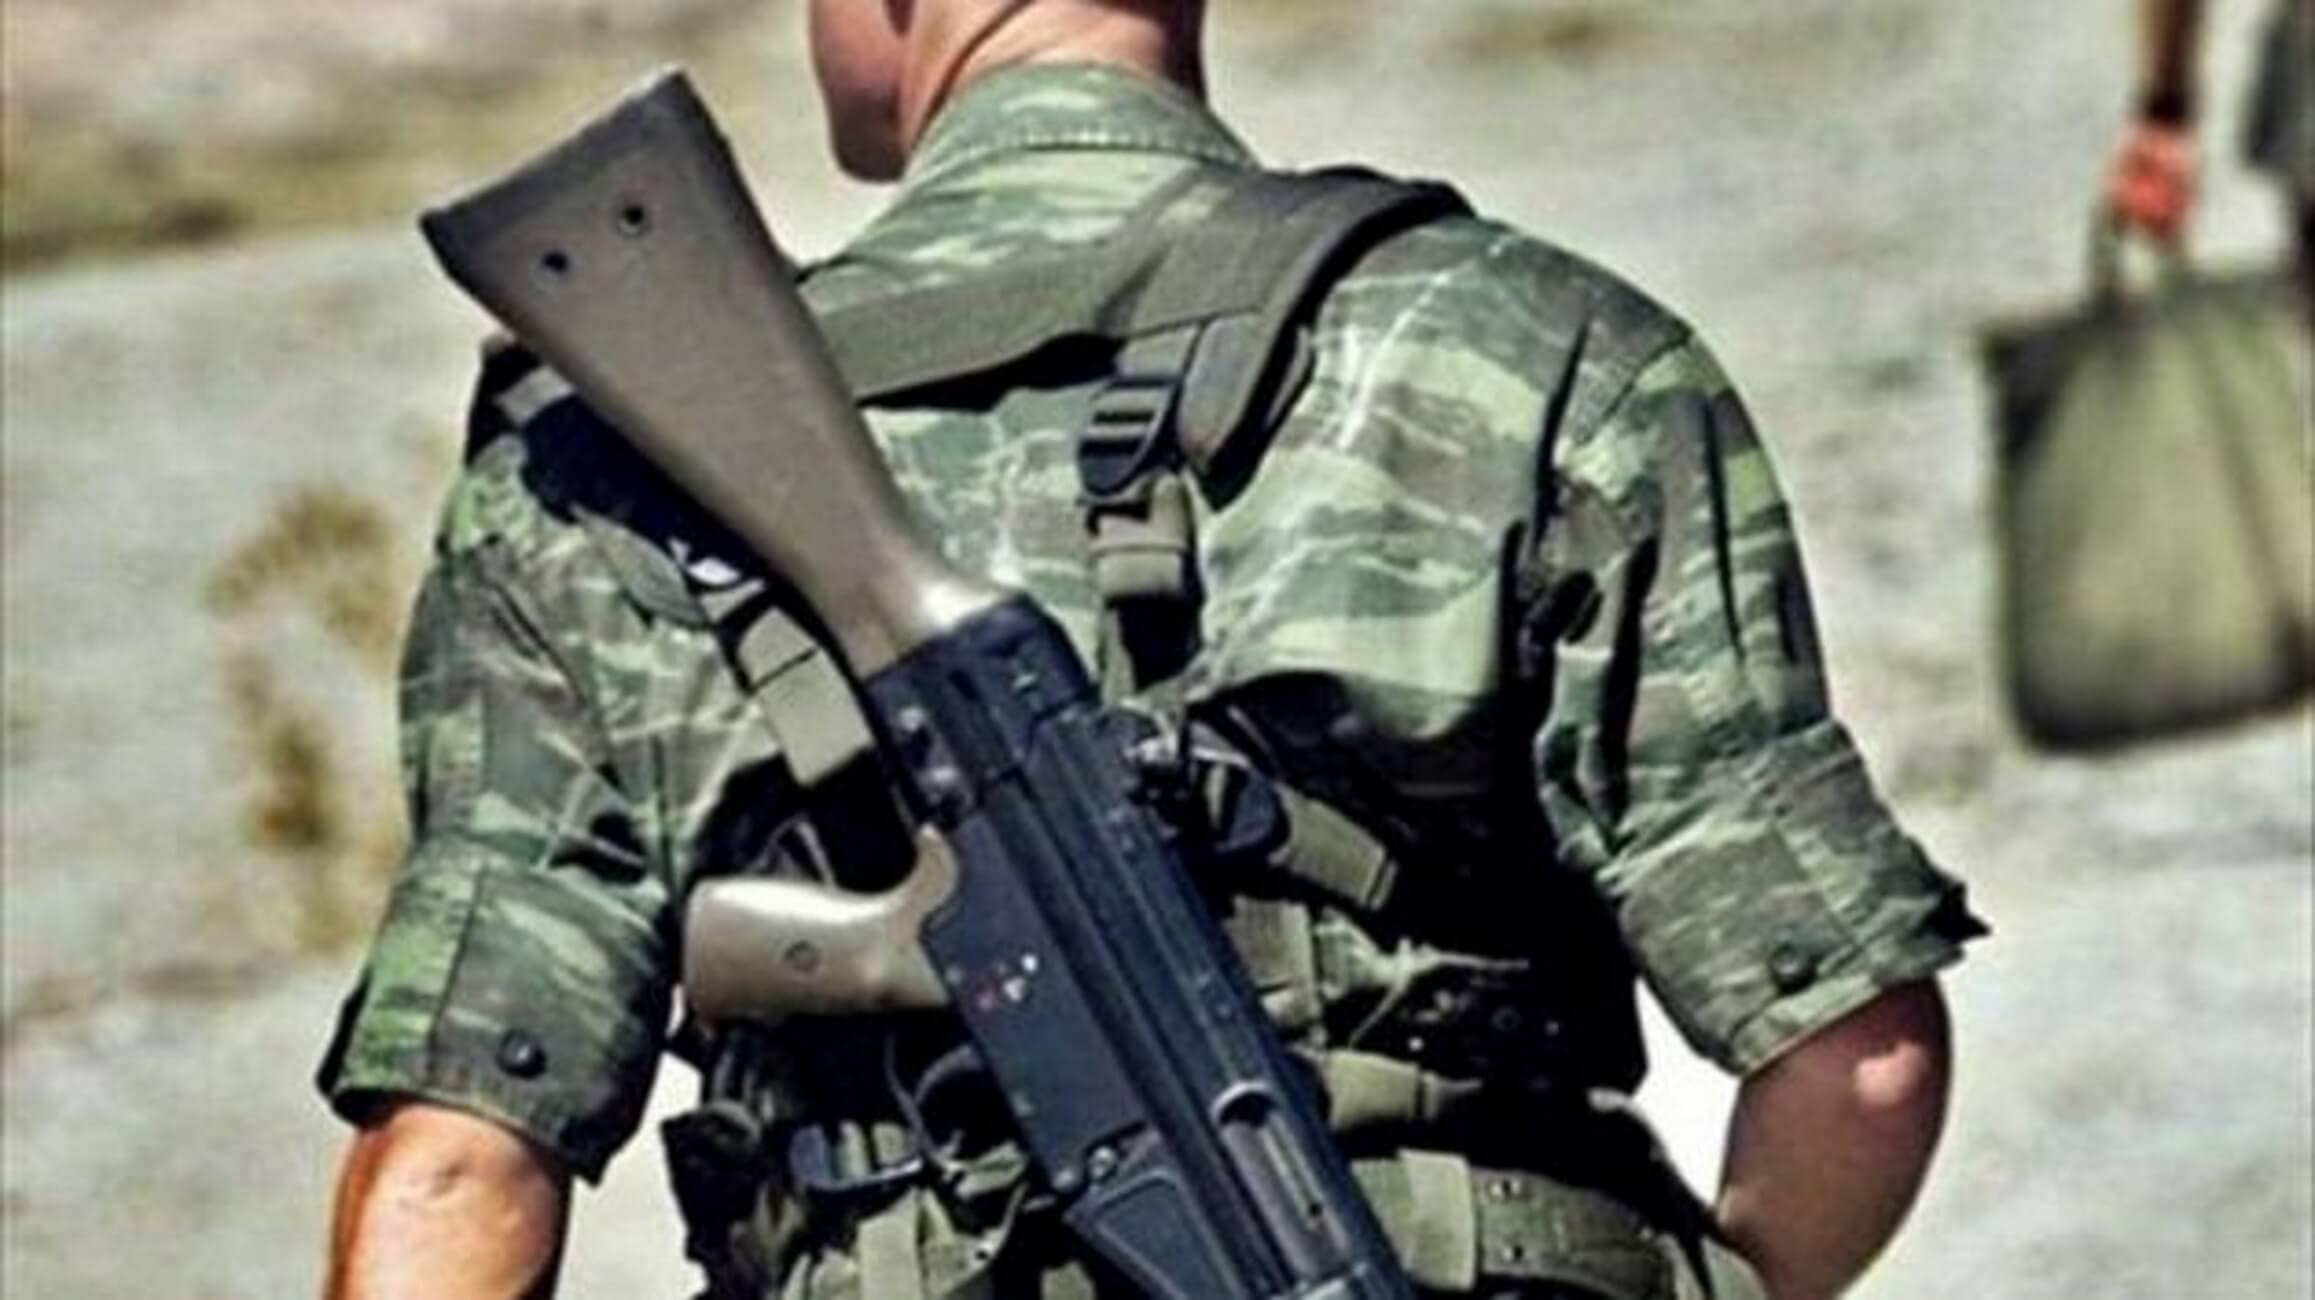 Λέσβος: Θρίλερ με τον θάνατο νεαρού στρατιωτικού – Ο πυρετός, η εξαφάνιση και το αναπάντεχο τέλος του επιλοχία